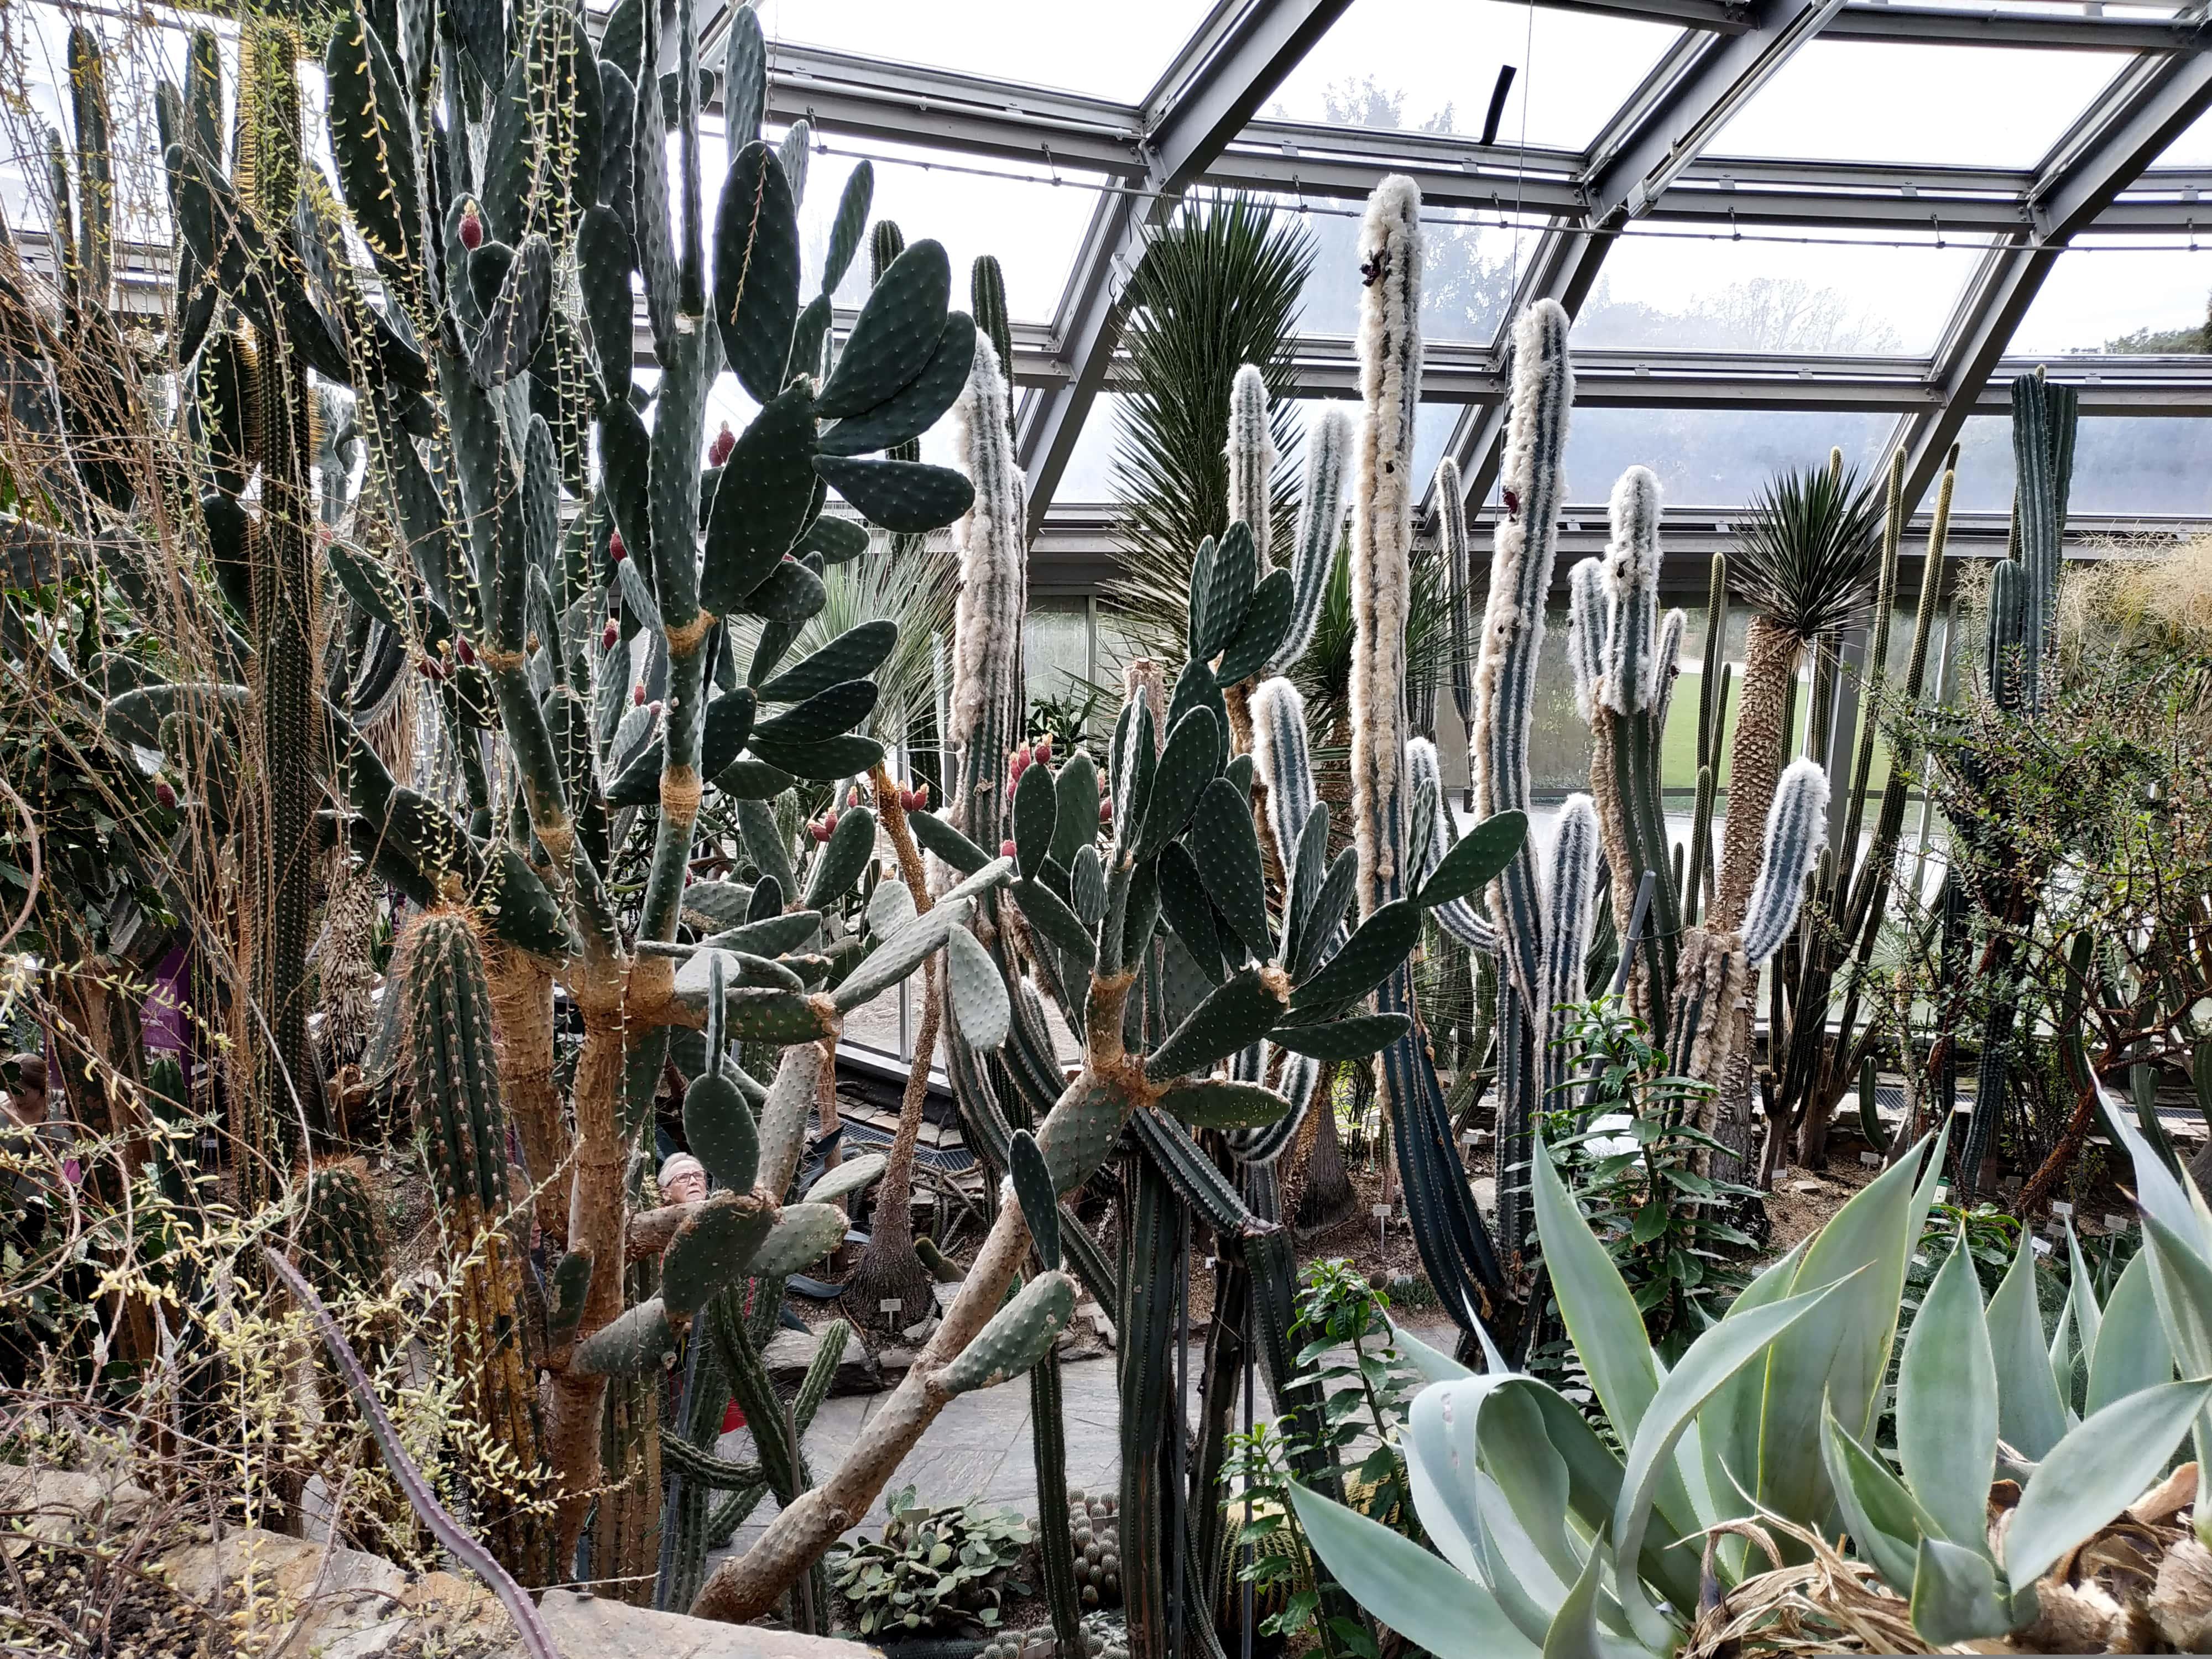 Découvrez le jardin botanique de Berlin à travers une balade automnale.